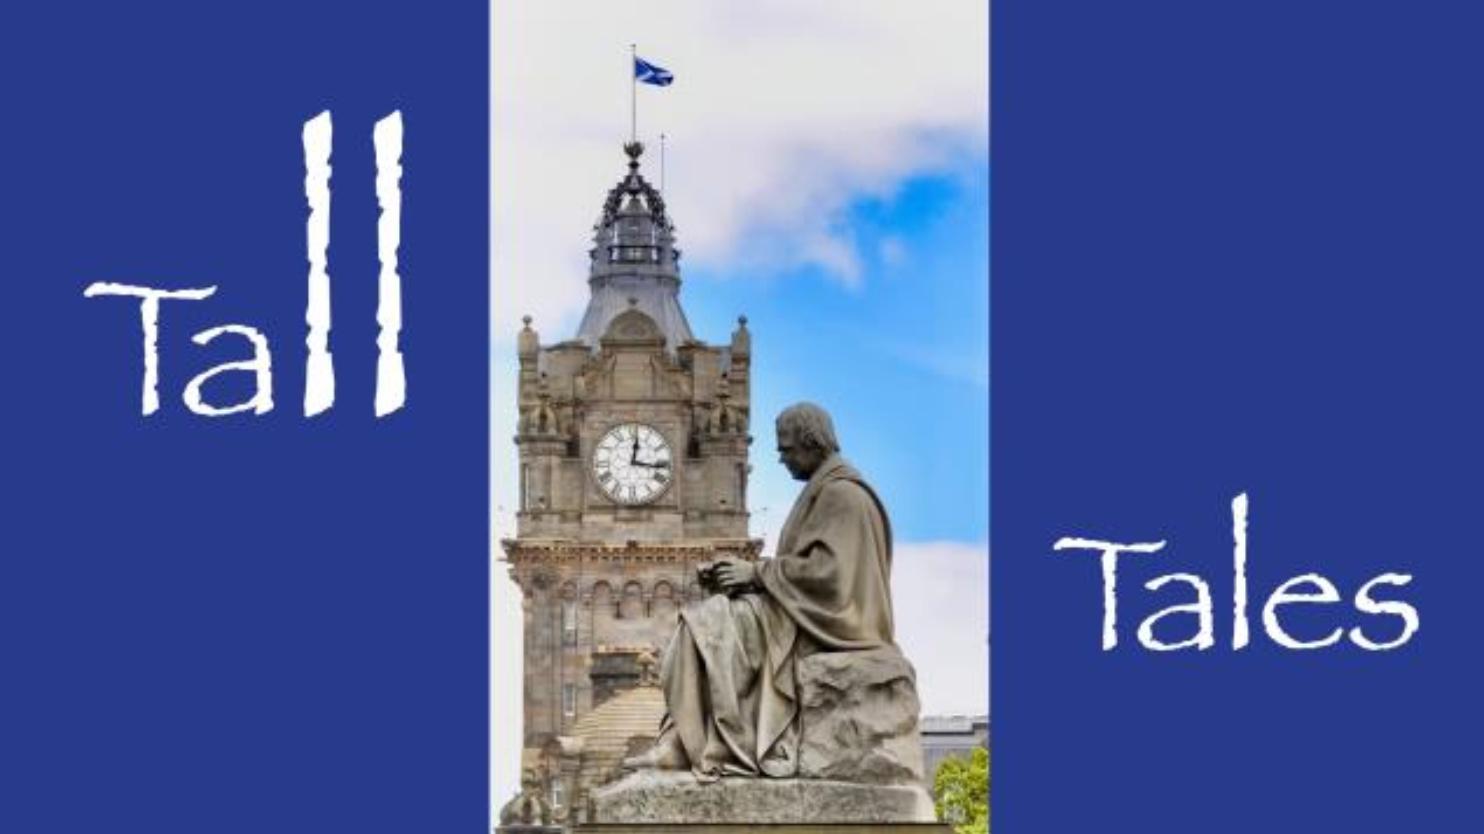 Edinburgh tall tales tours